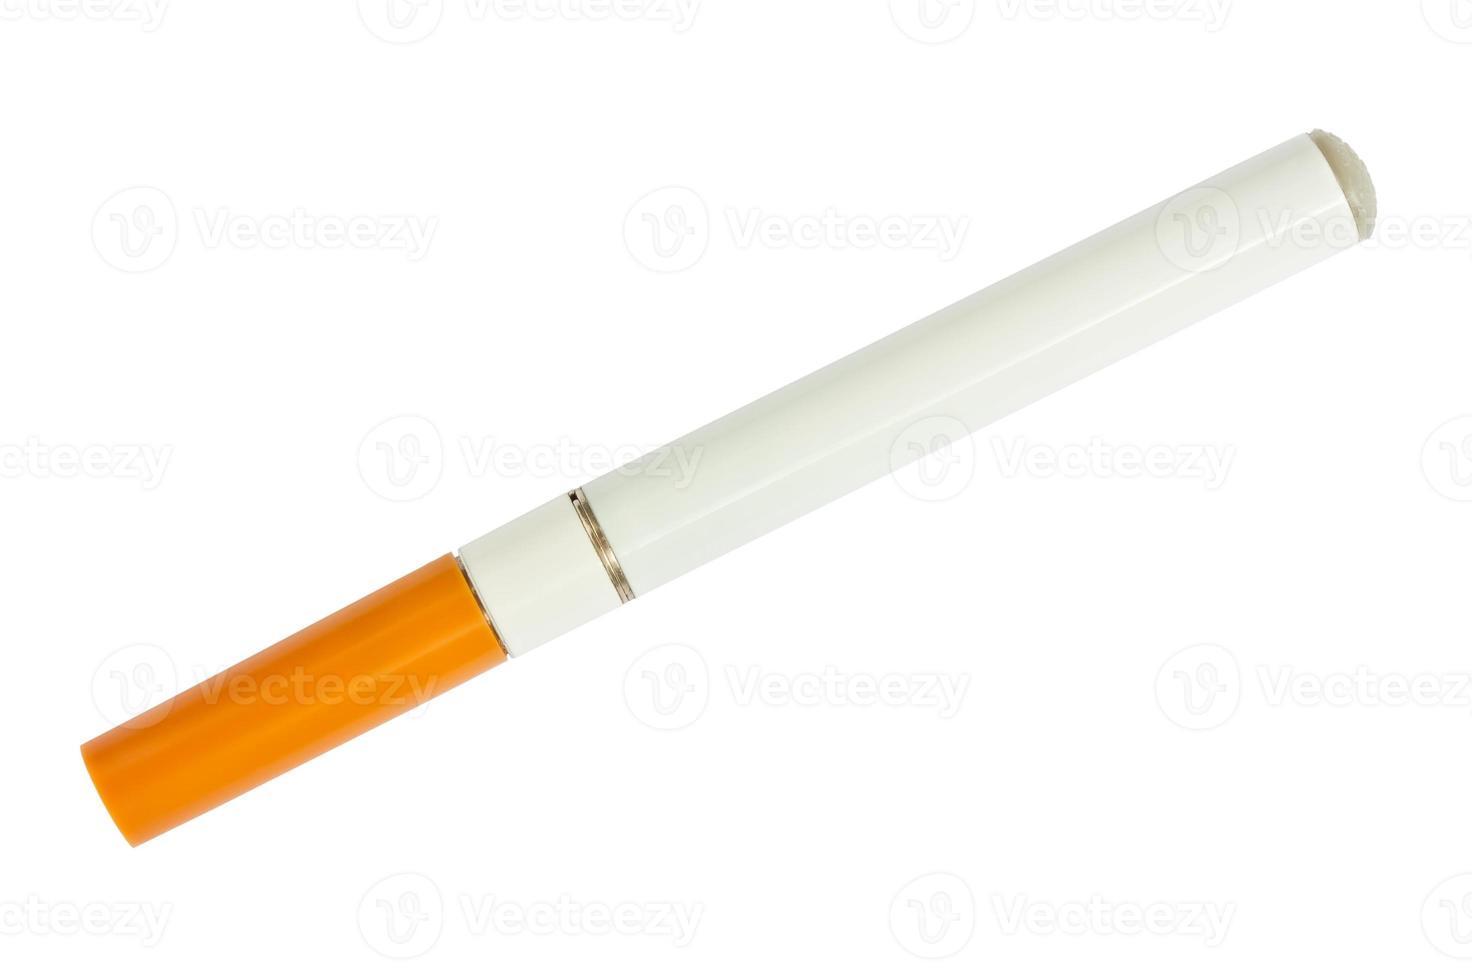 elektronische sigaret foto